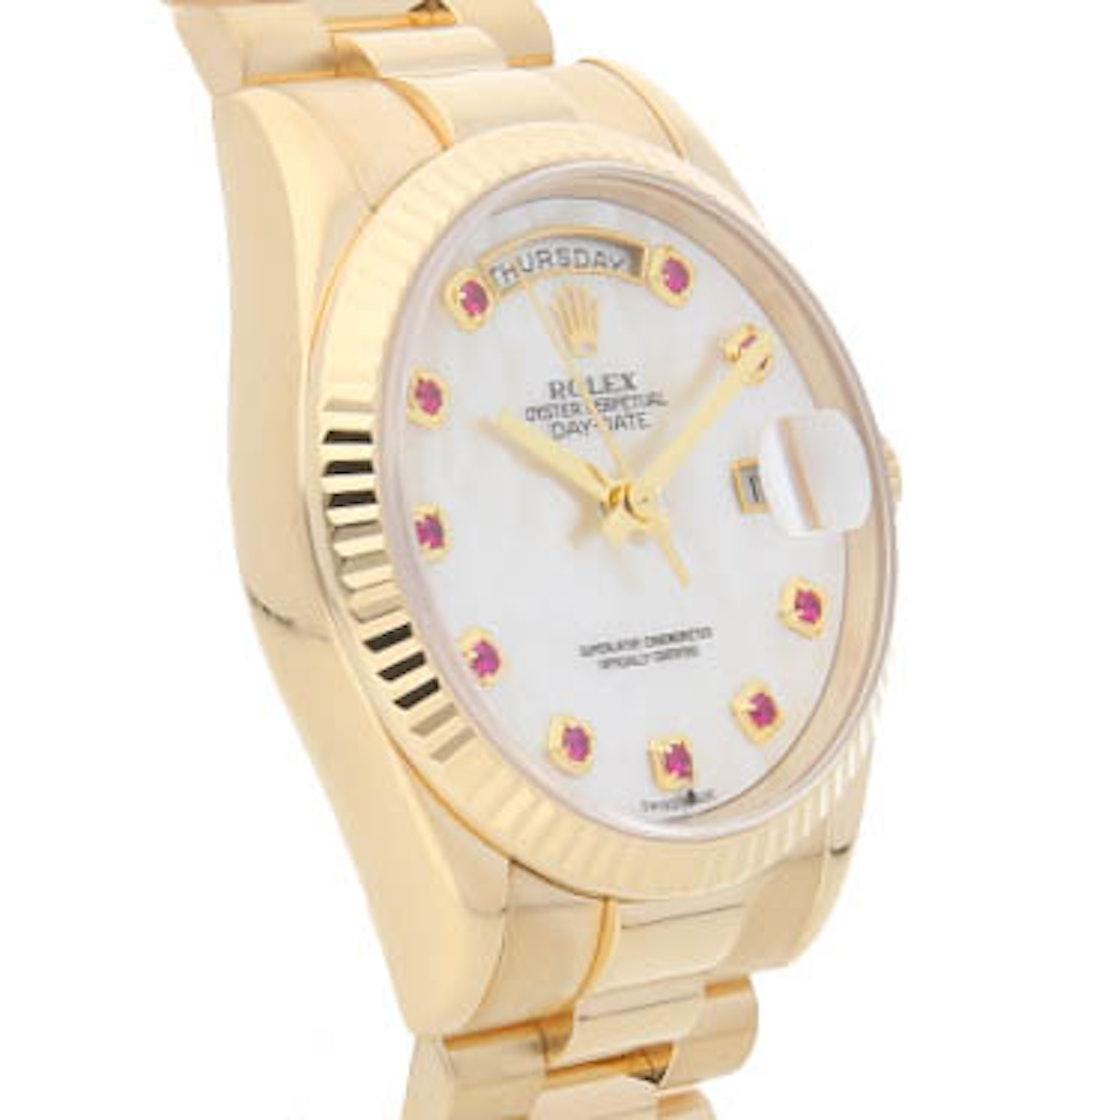 Rolex Day-Date 118238